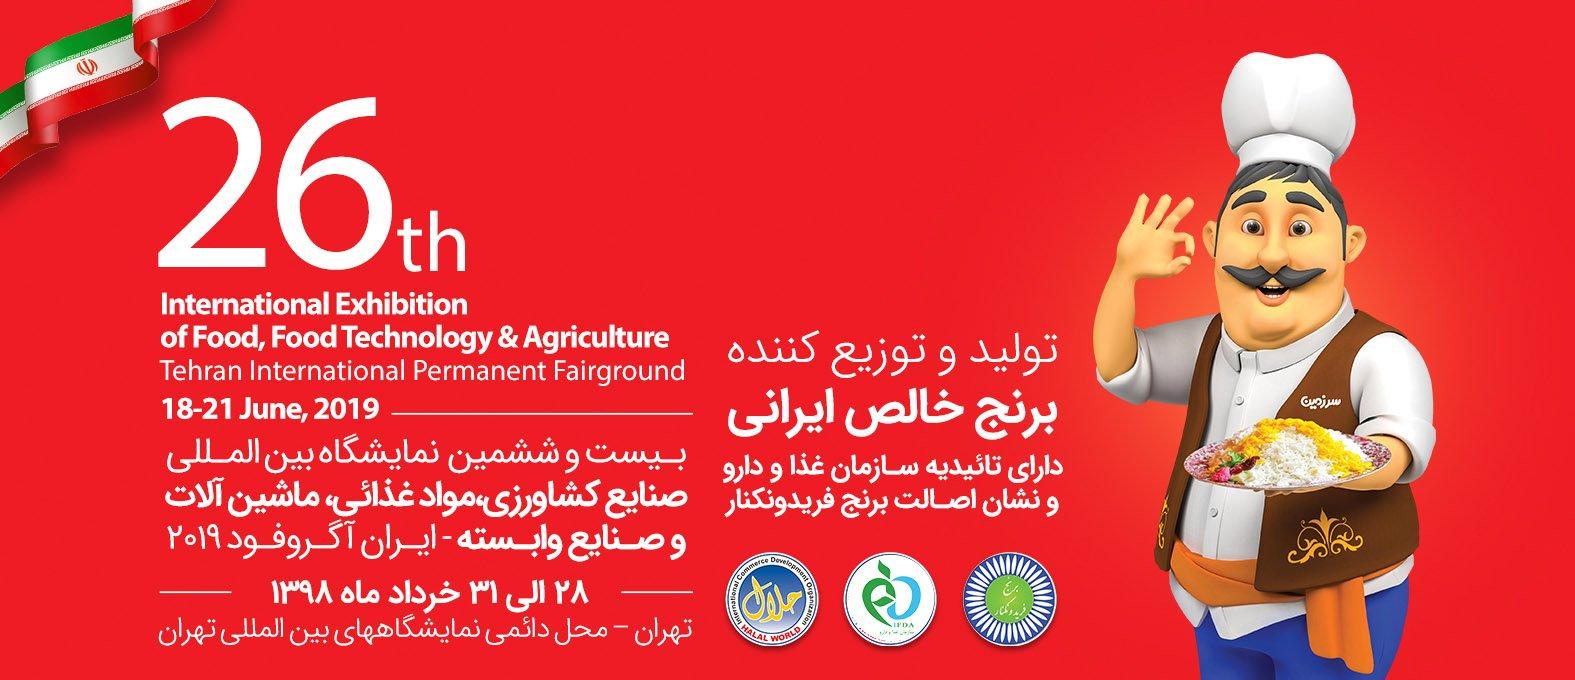 ۲۶مین نمایشگاه صنایع غذایی تهران